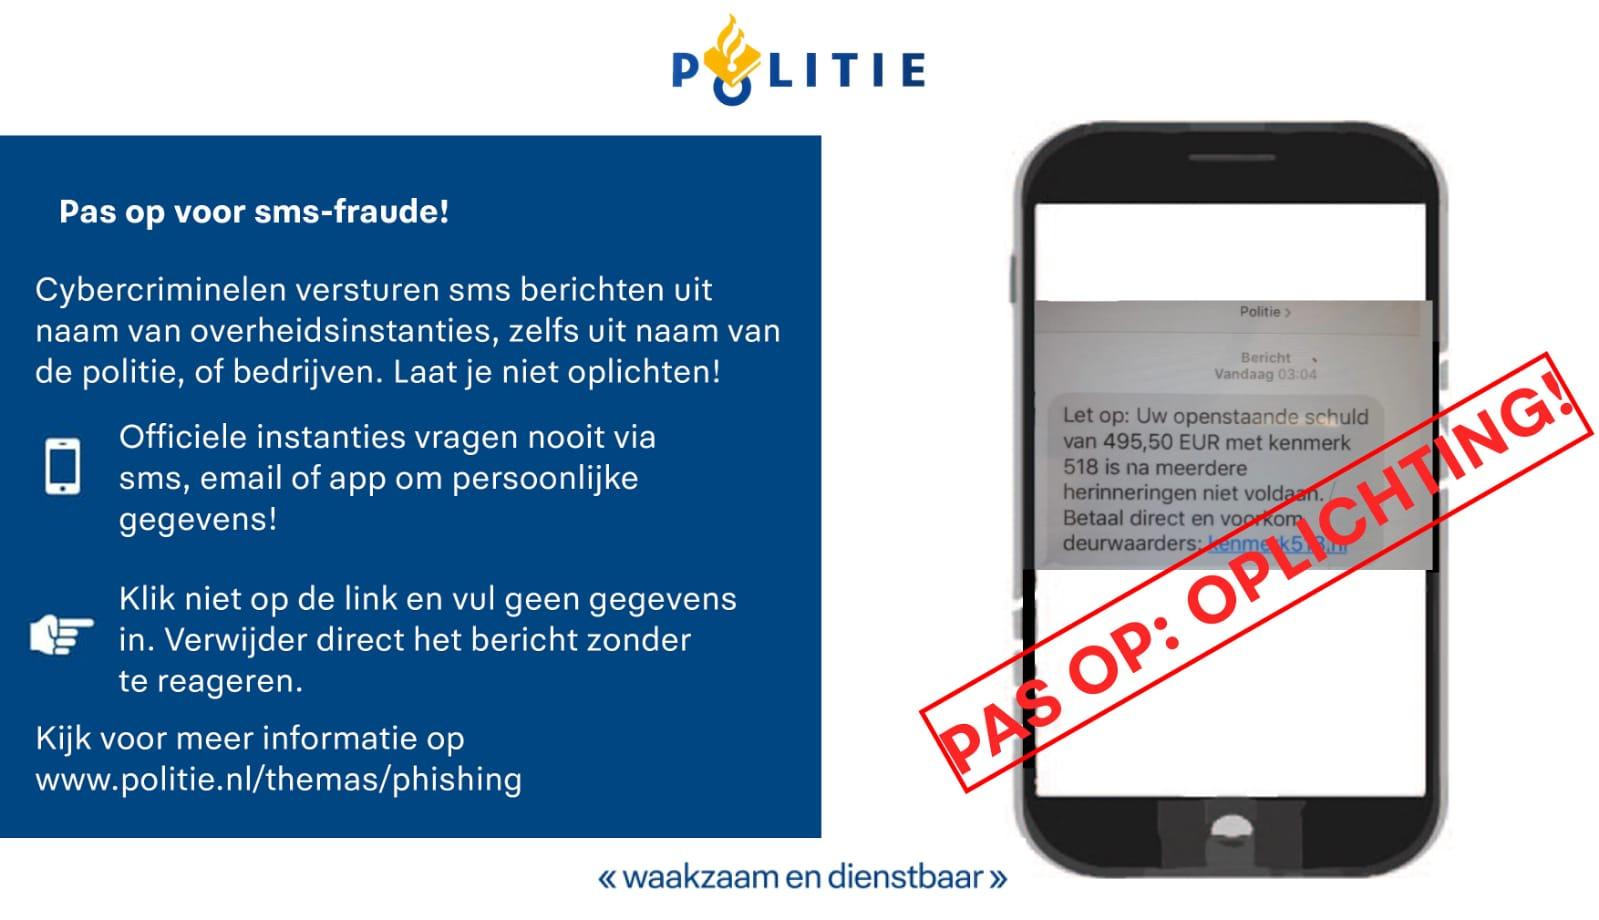 Nog steeds veel meldingen van Whatsapp en sms-fraude